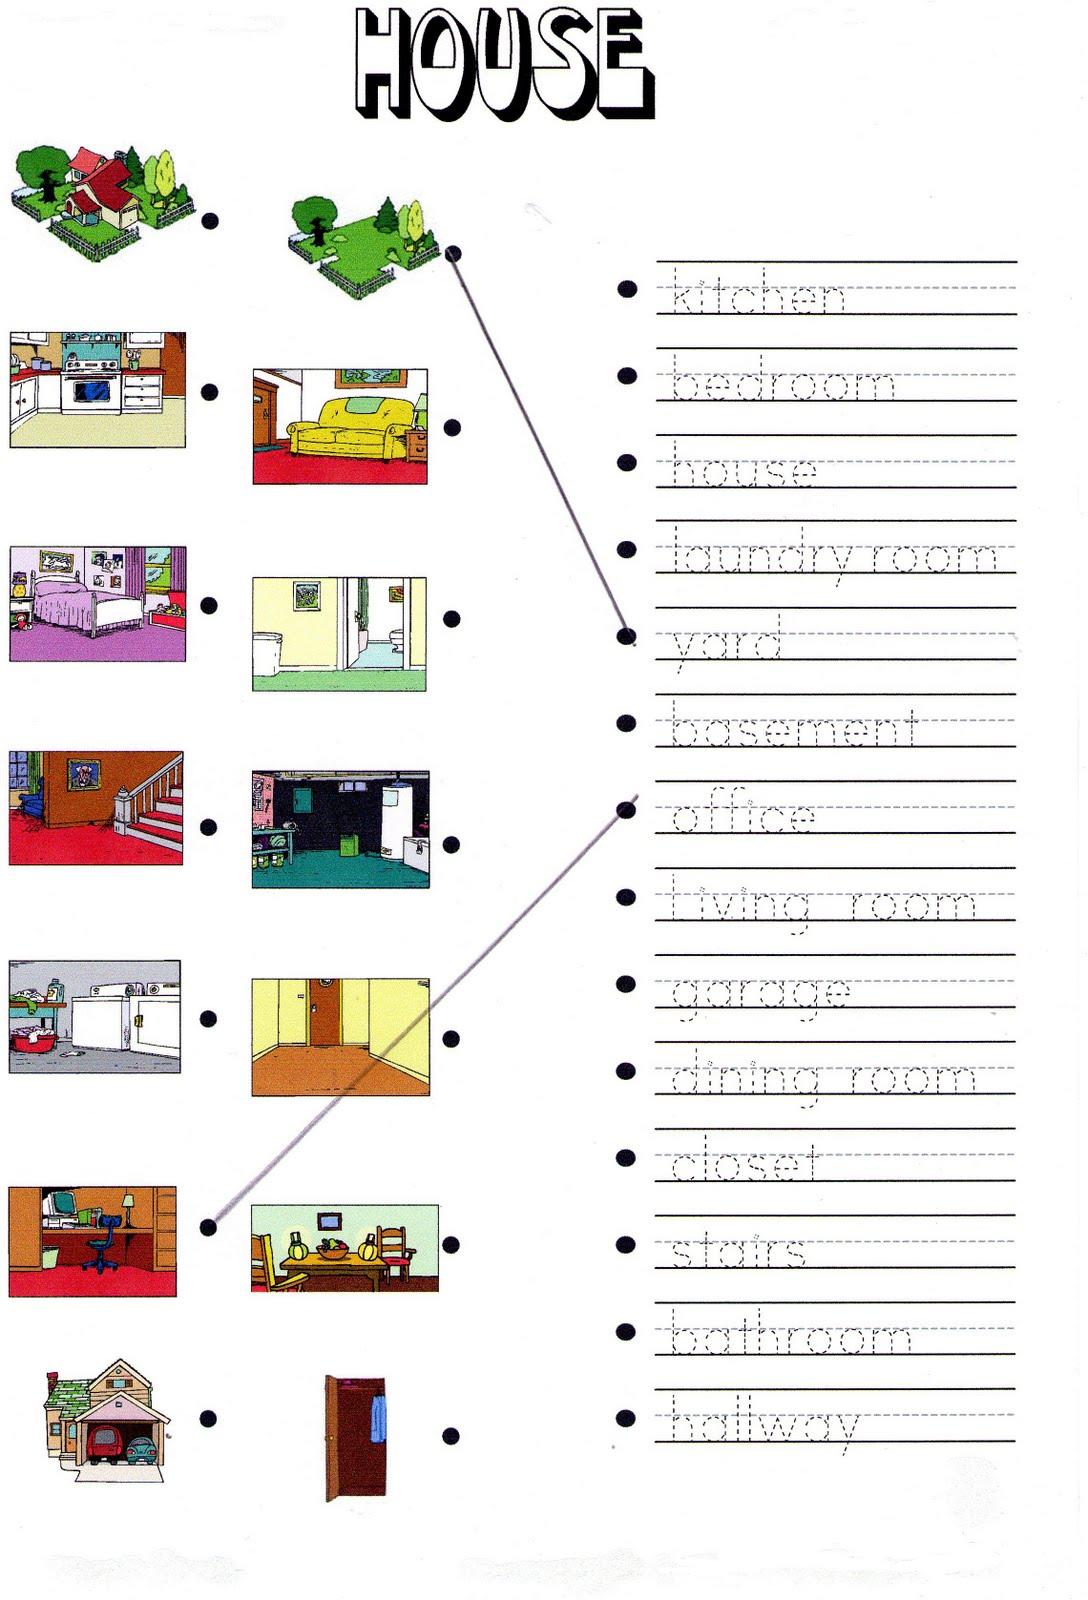 House Rooms Worksheet